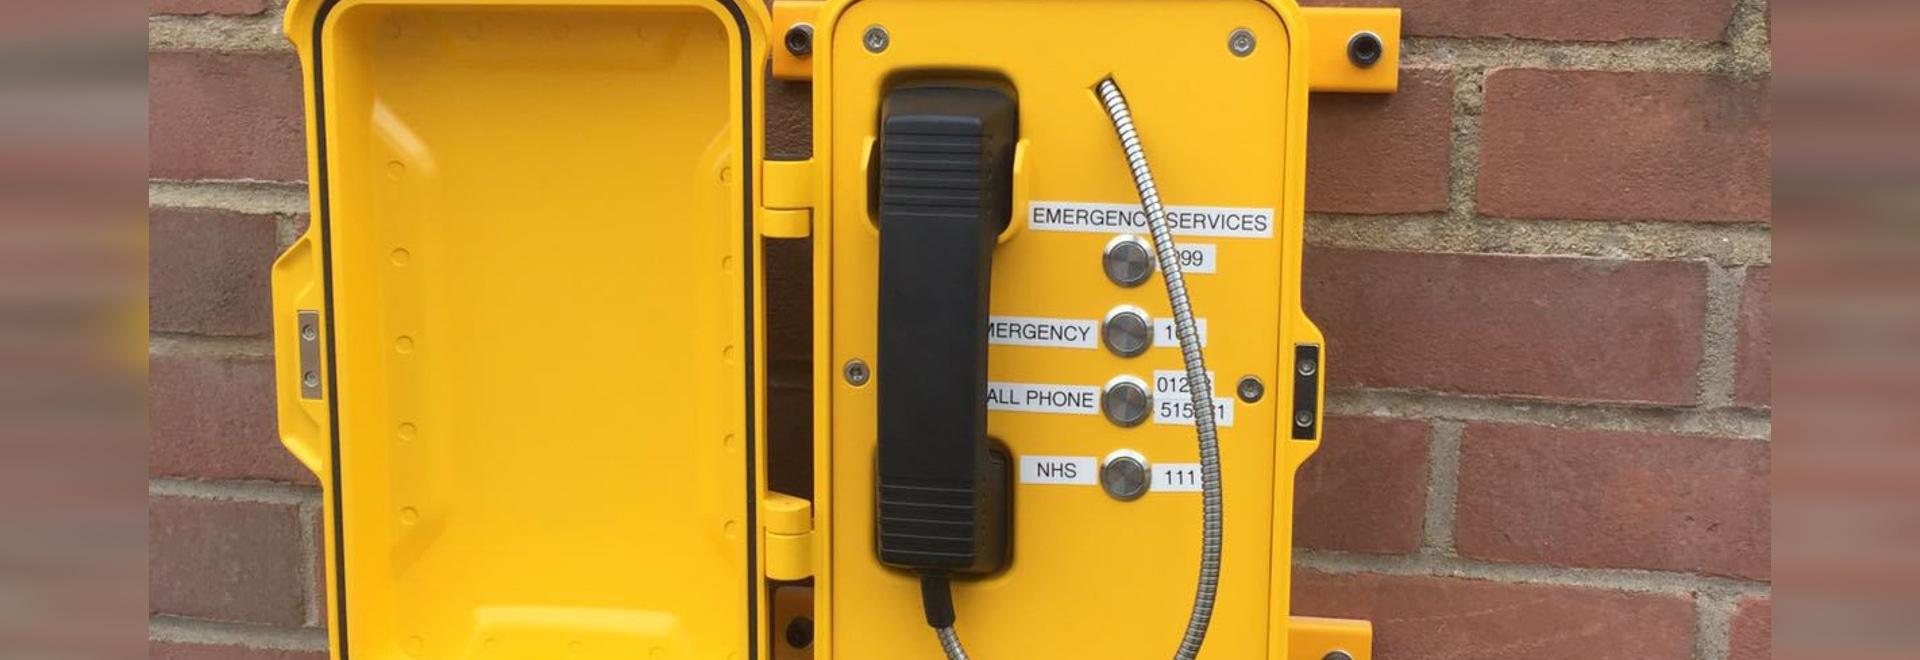 Funciona increíble del teléfono de emergencia de J&R en Forest Park, Norfolk, Reino Unido.